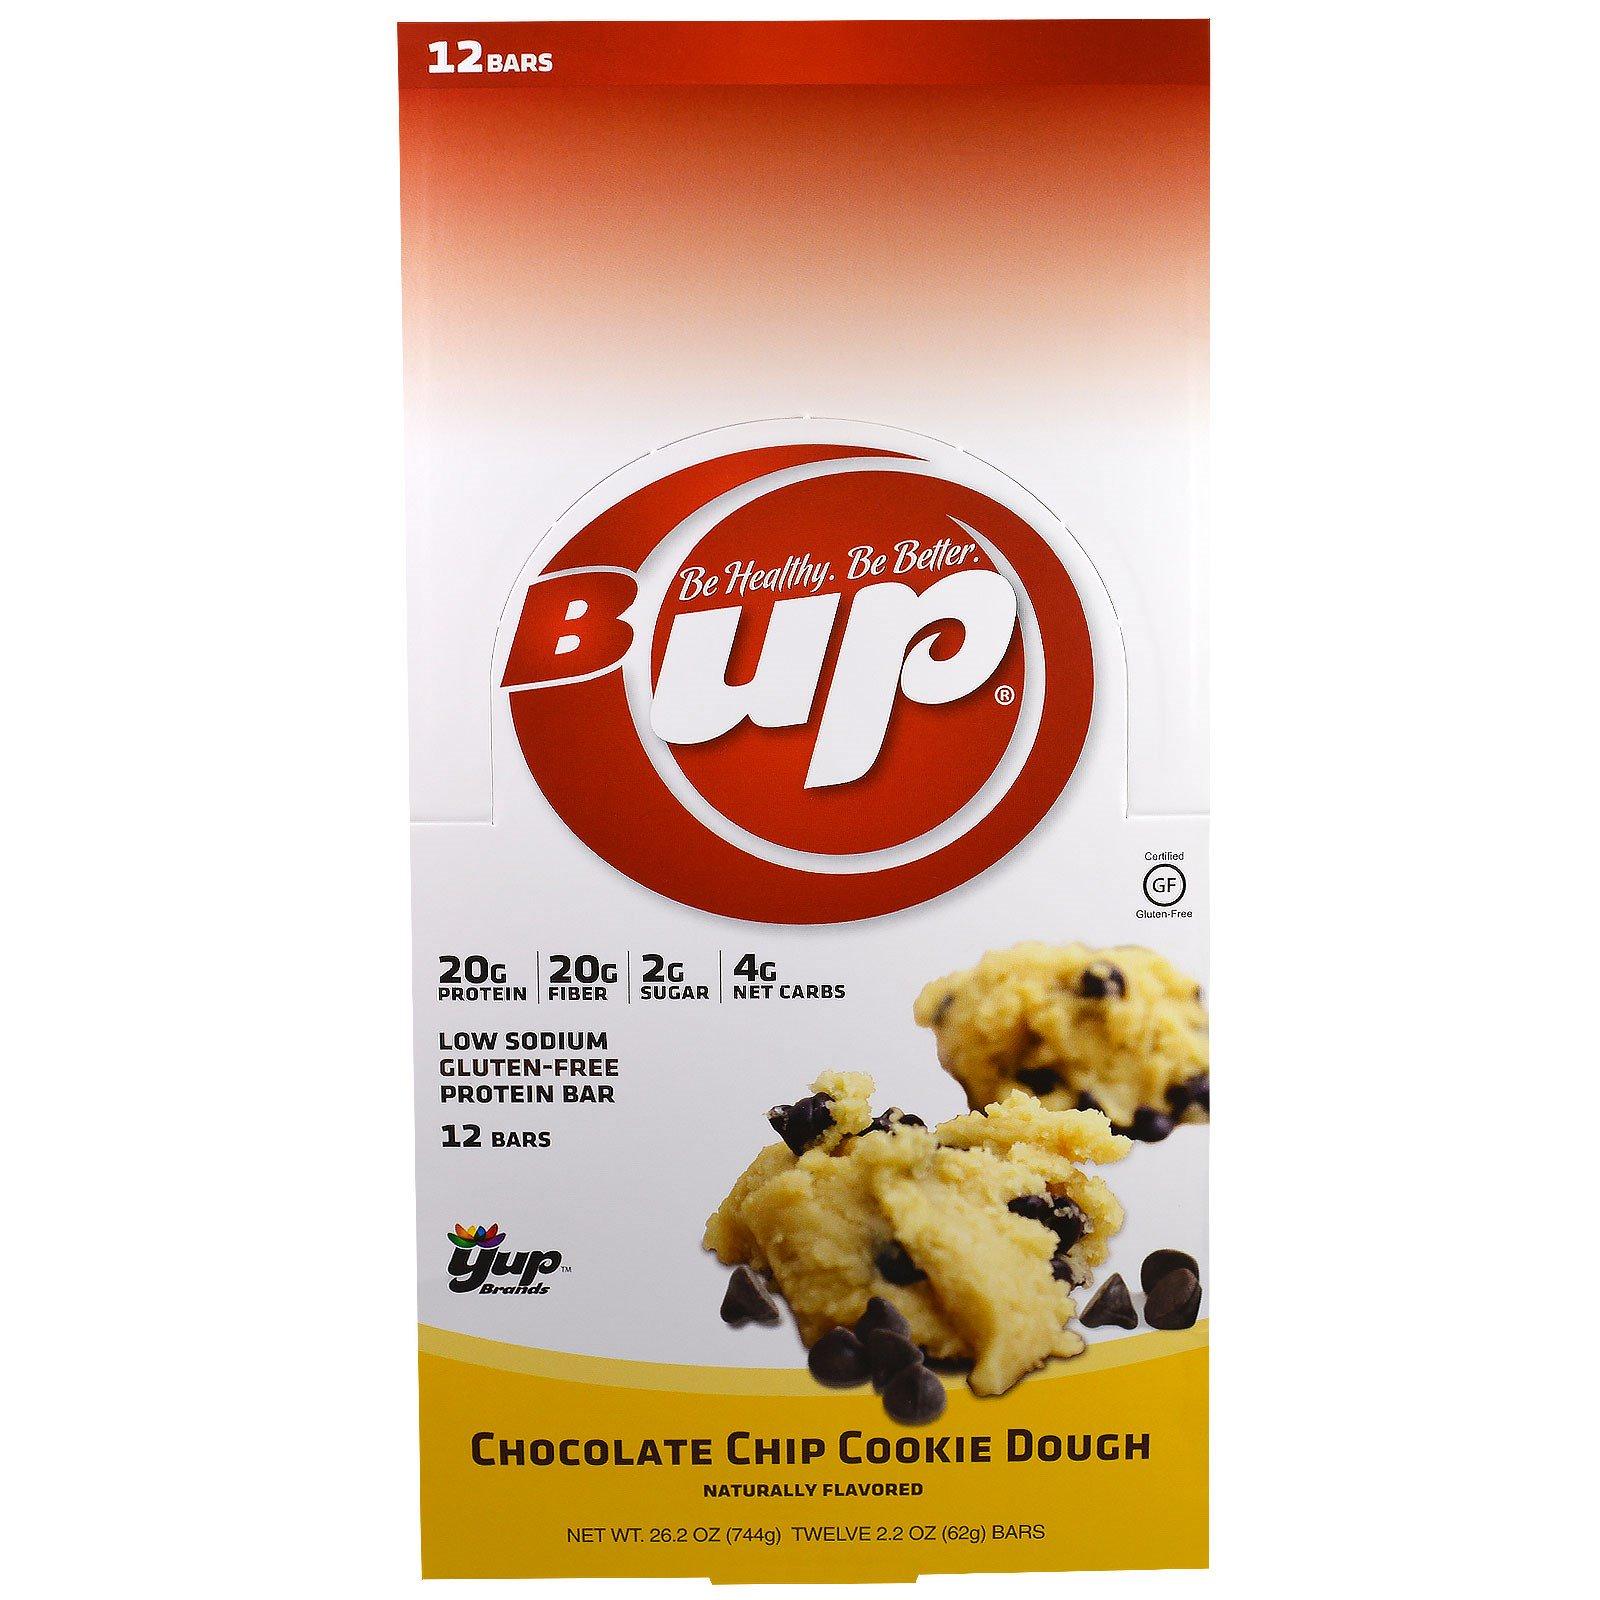 YUP, B Up протеиновый батончик, тесто для печенья с кусочками шоколада и , 12 батончиков , 2.2 унции(62 г) каждый